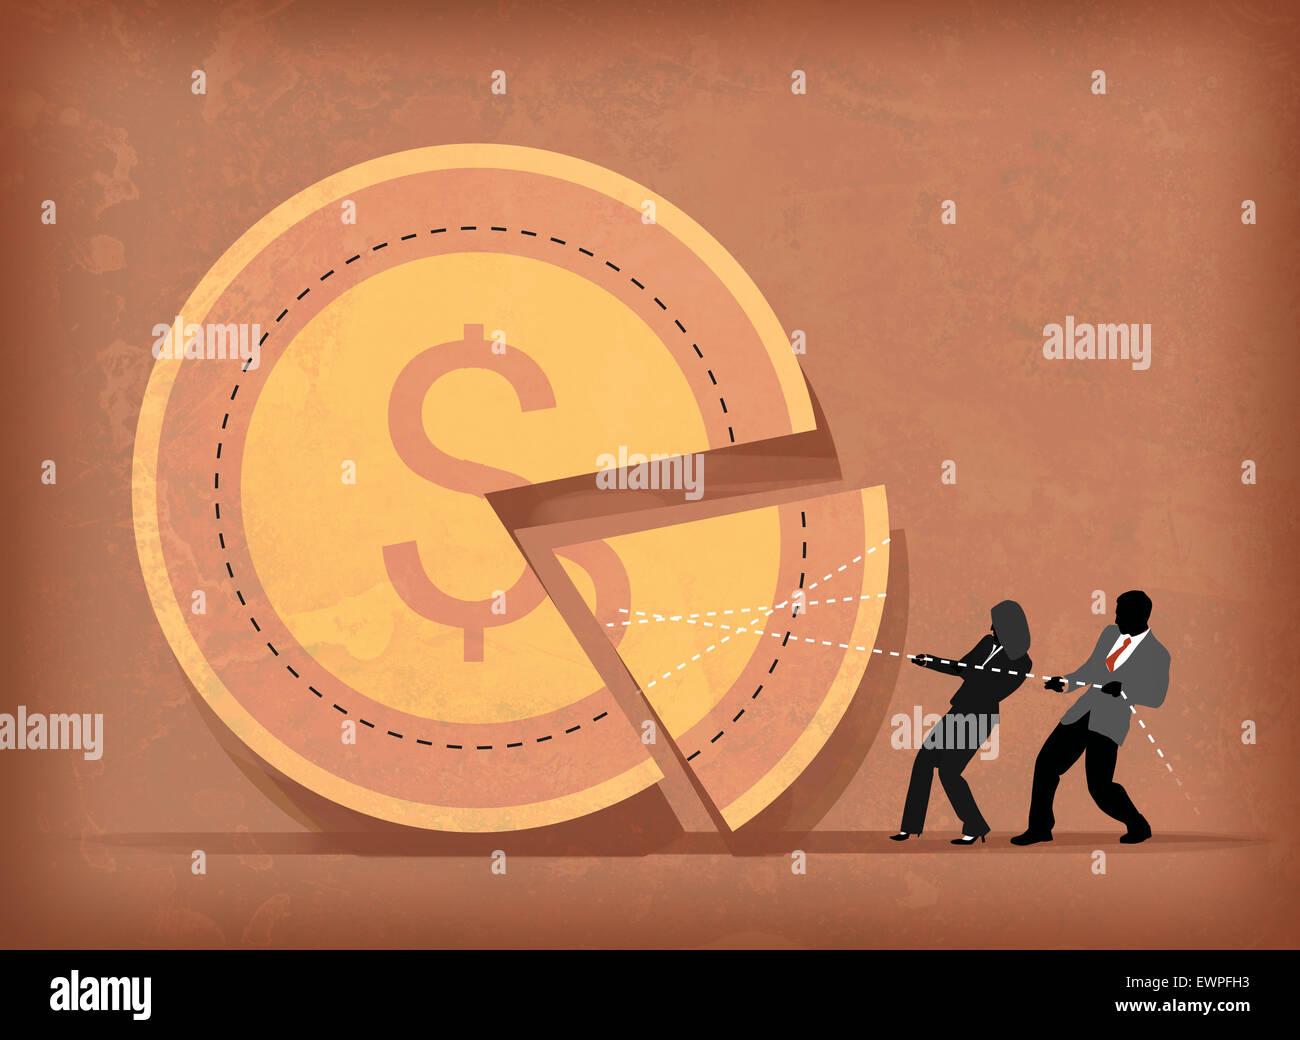 Anschauliche Darstellung von Geschäftsleuten teilen Anreiz Stockbild